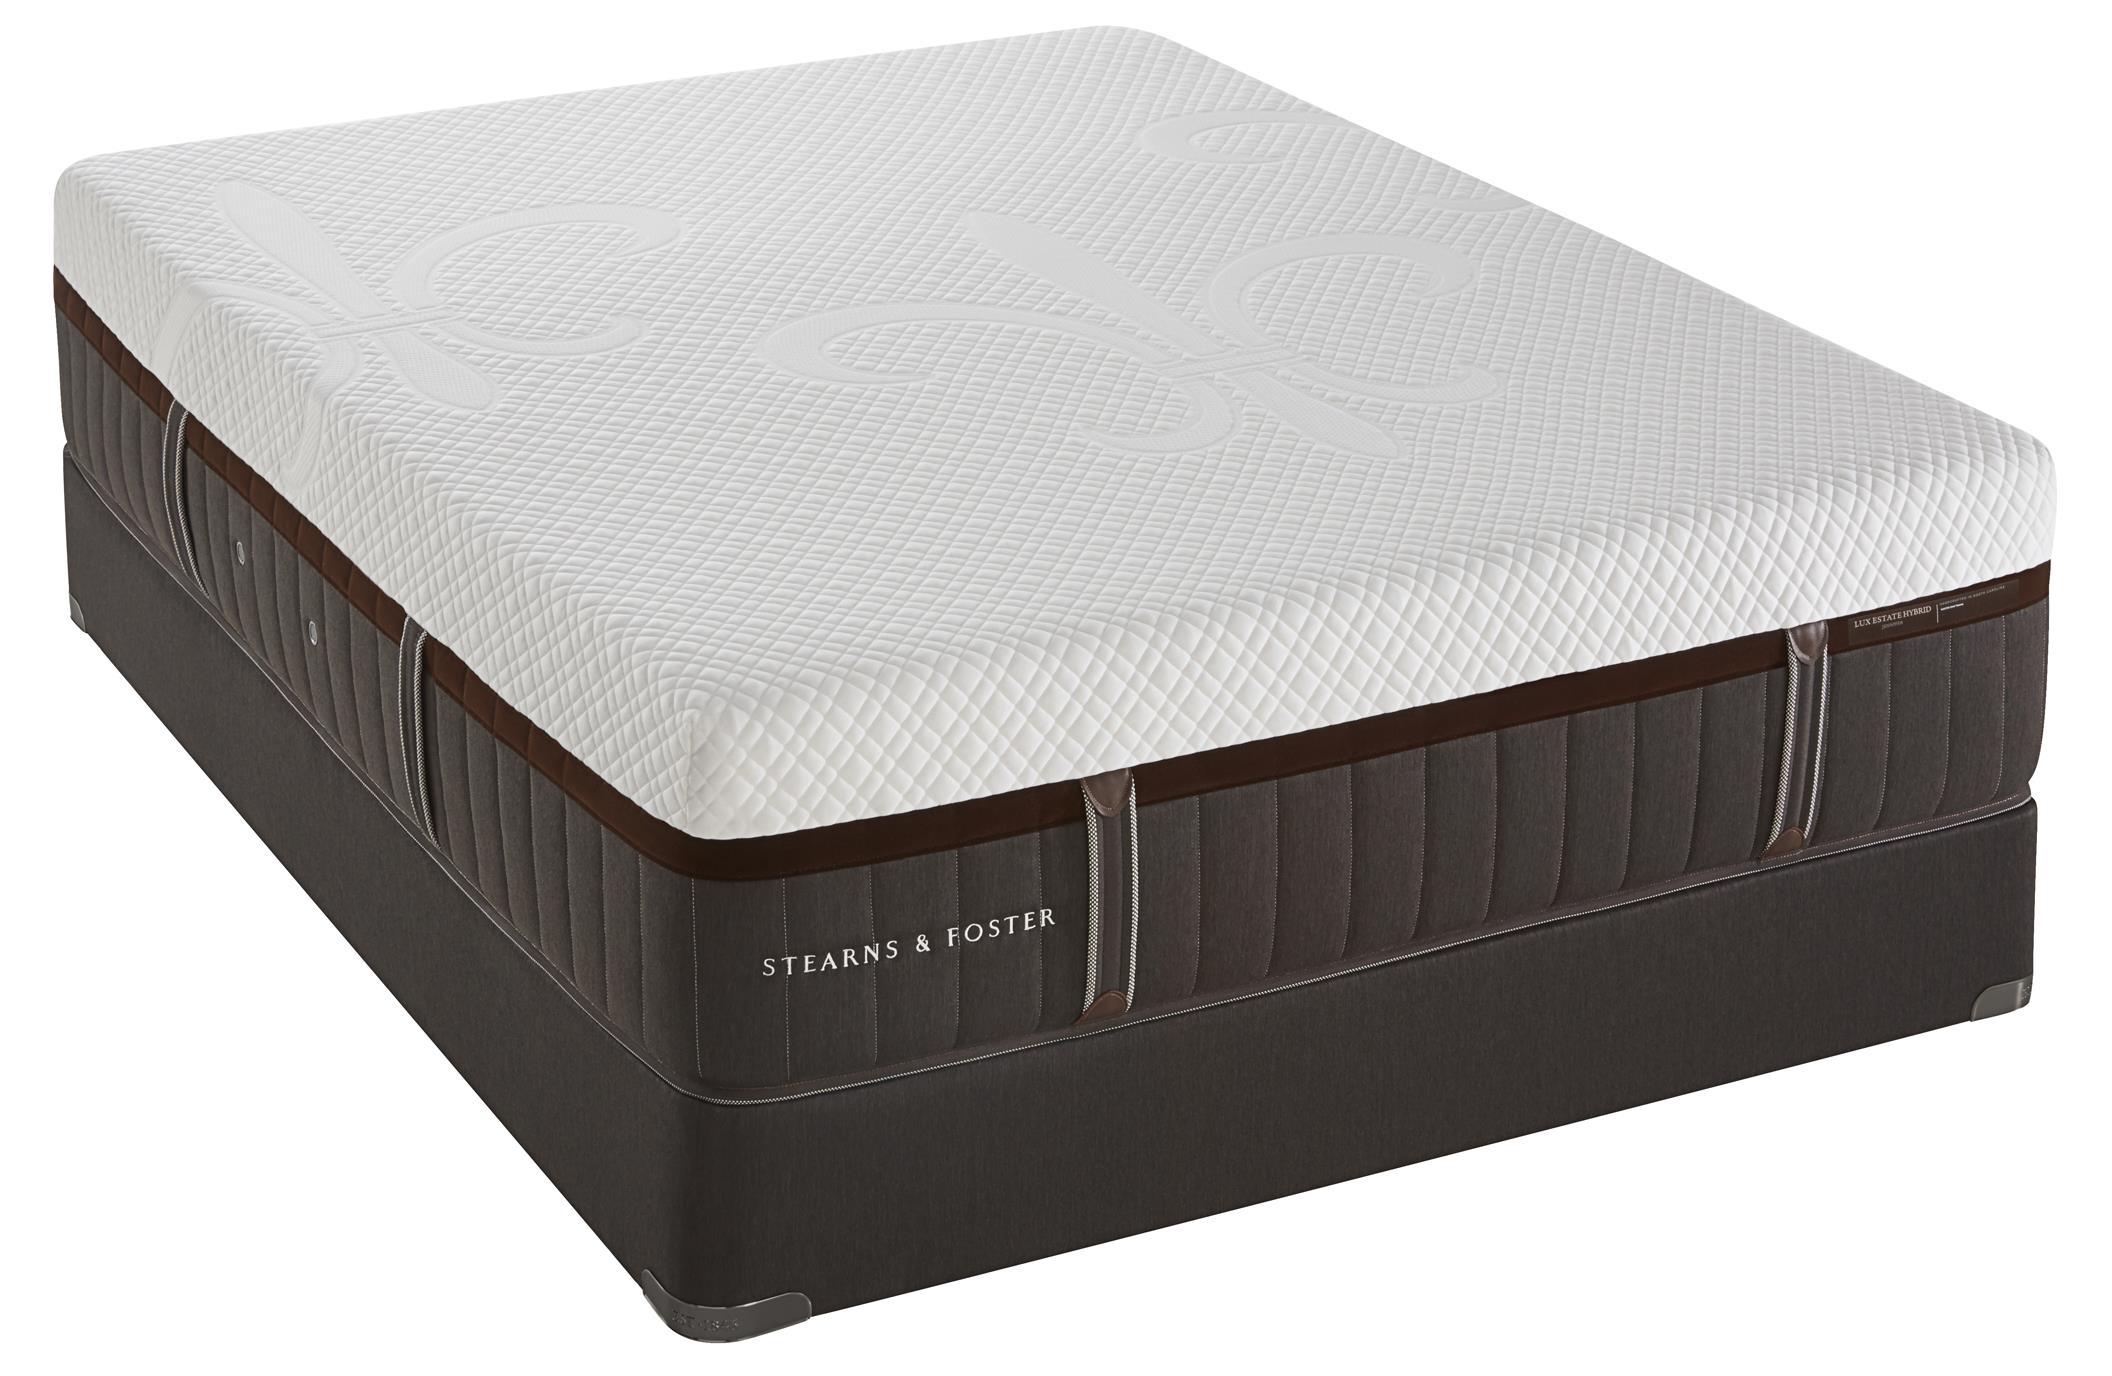 Queen Cushion Firm Hybrid Mattress Set